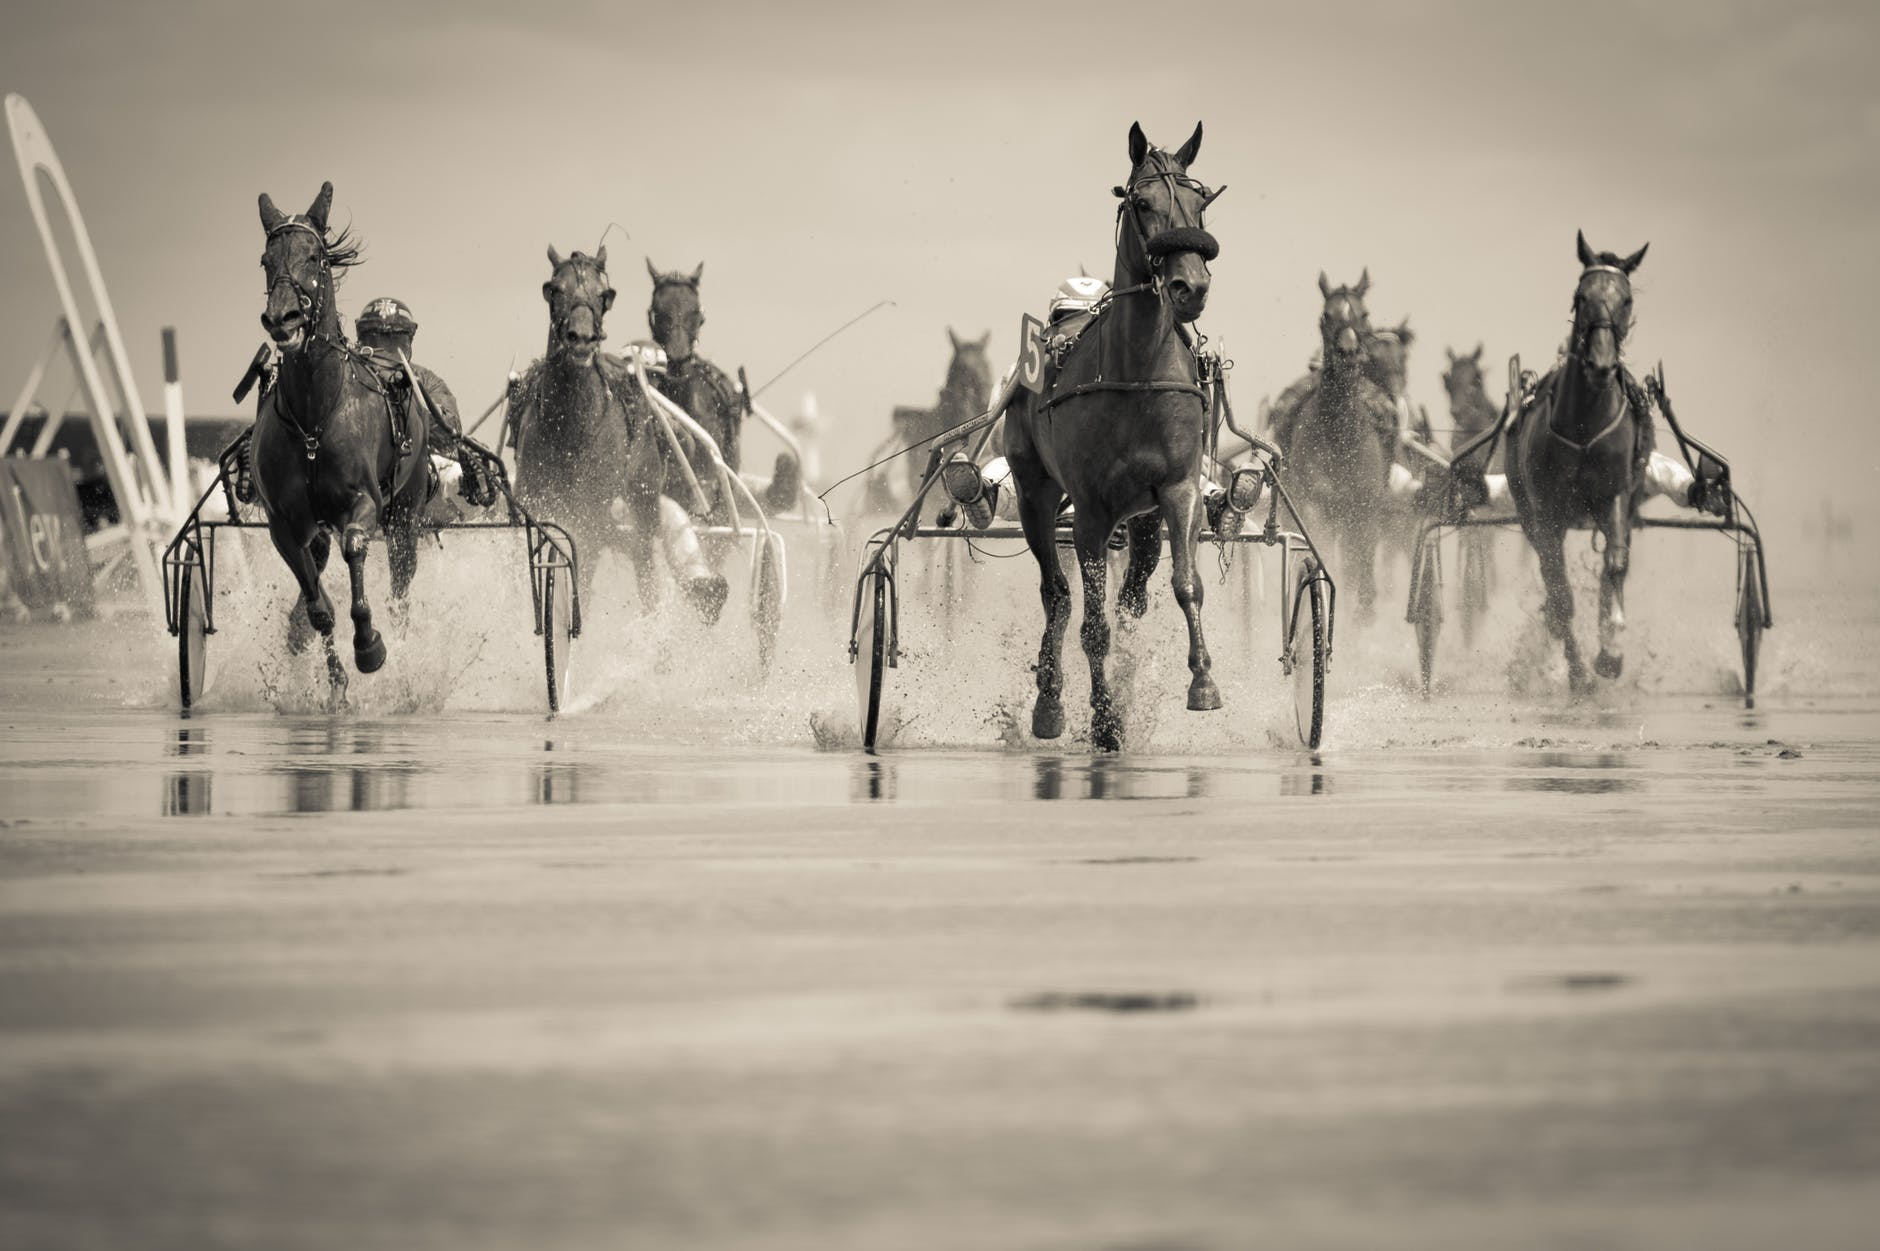 horses @godlywoman911